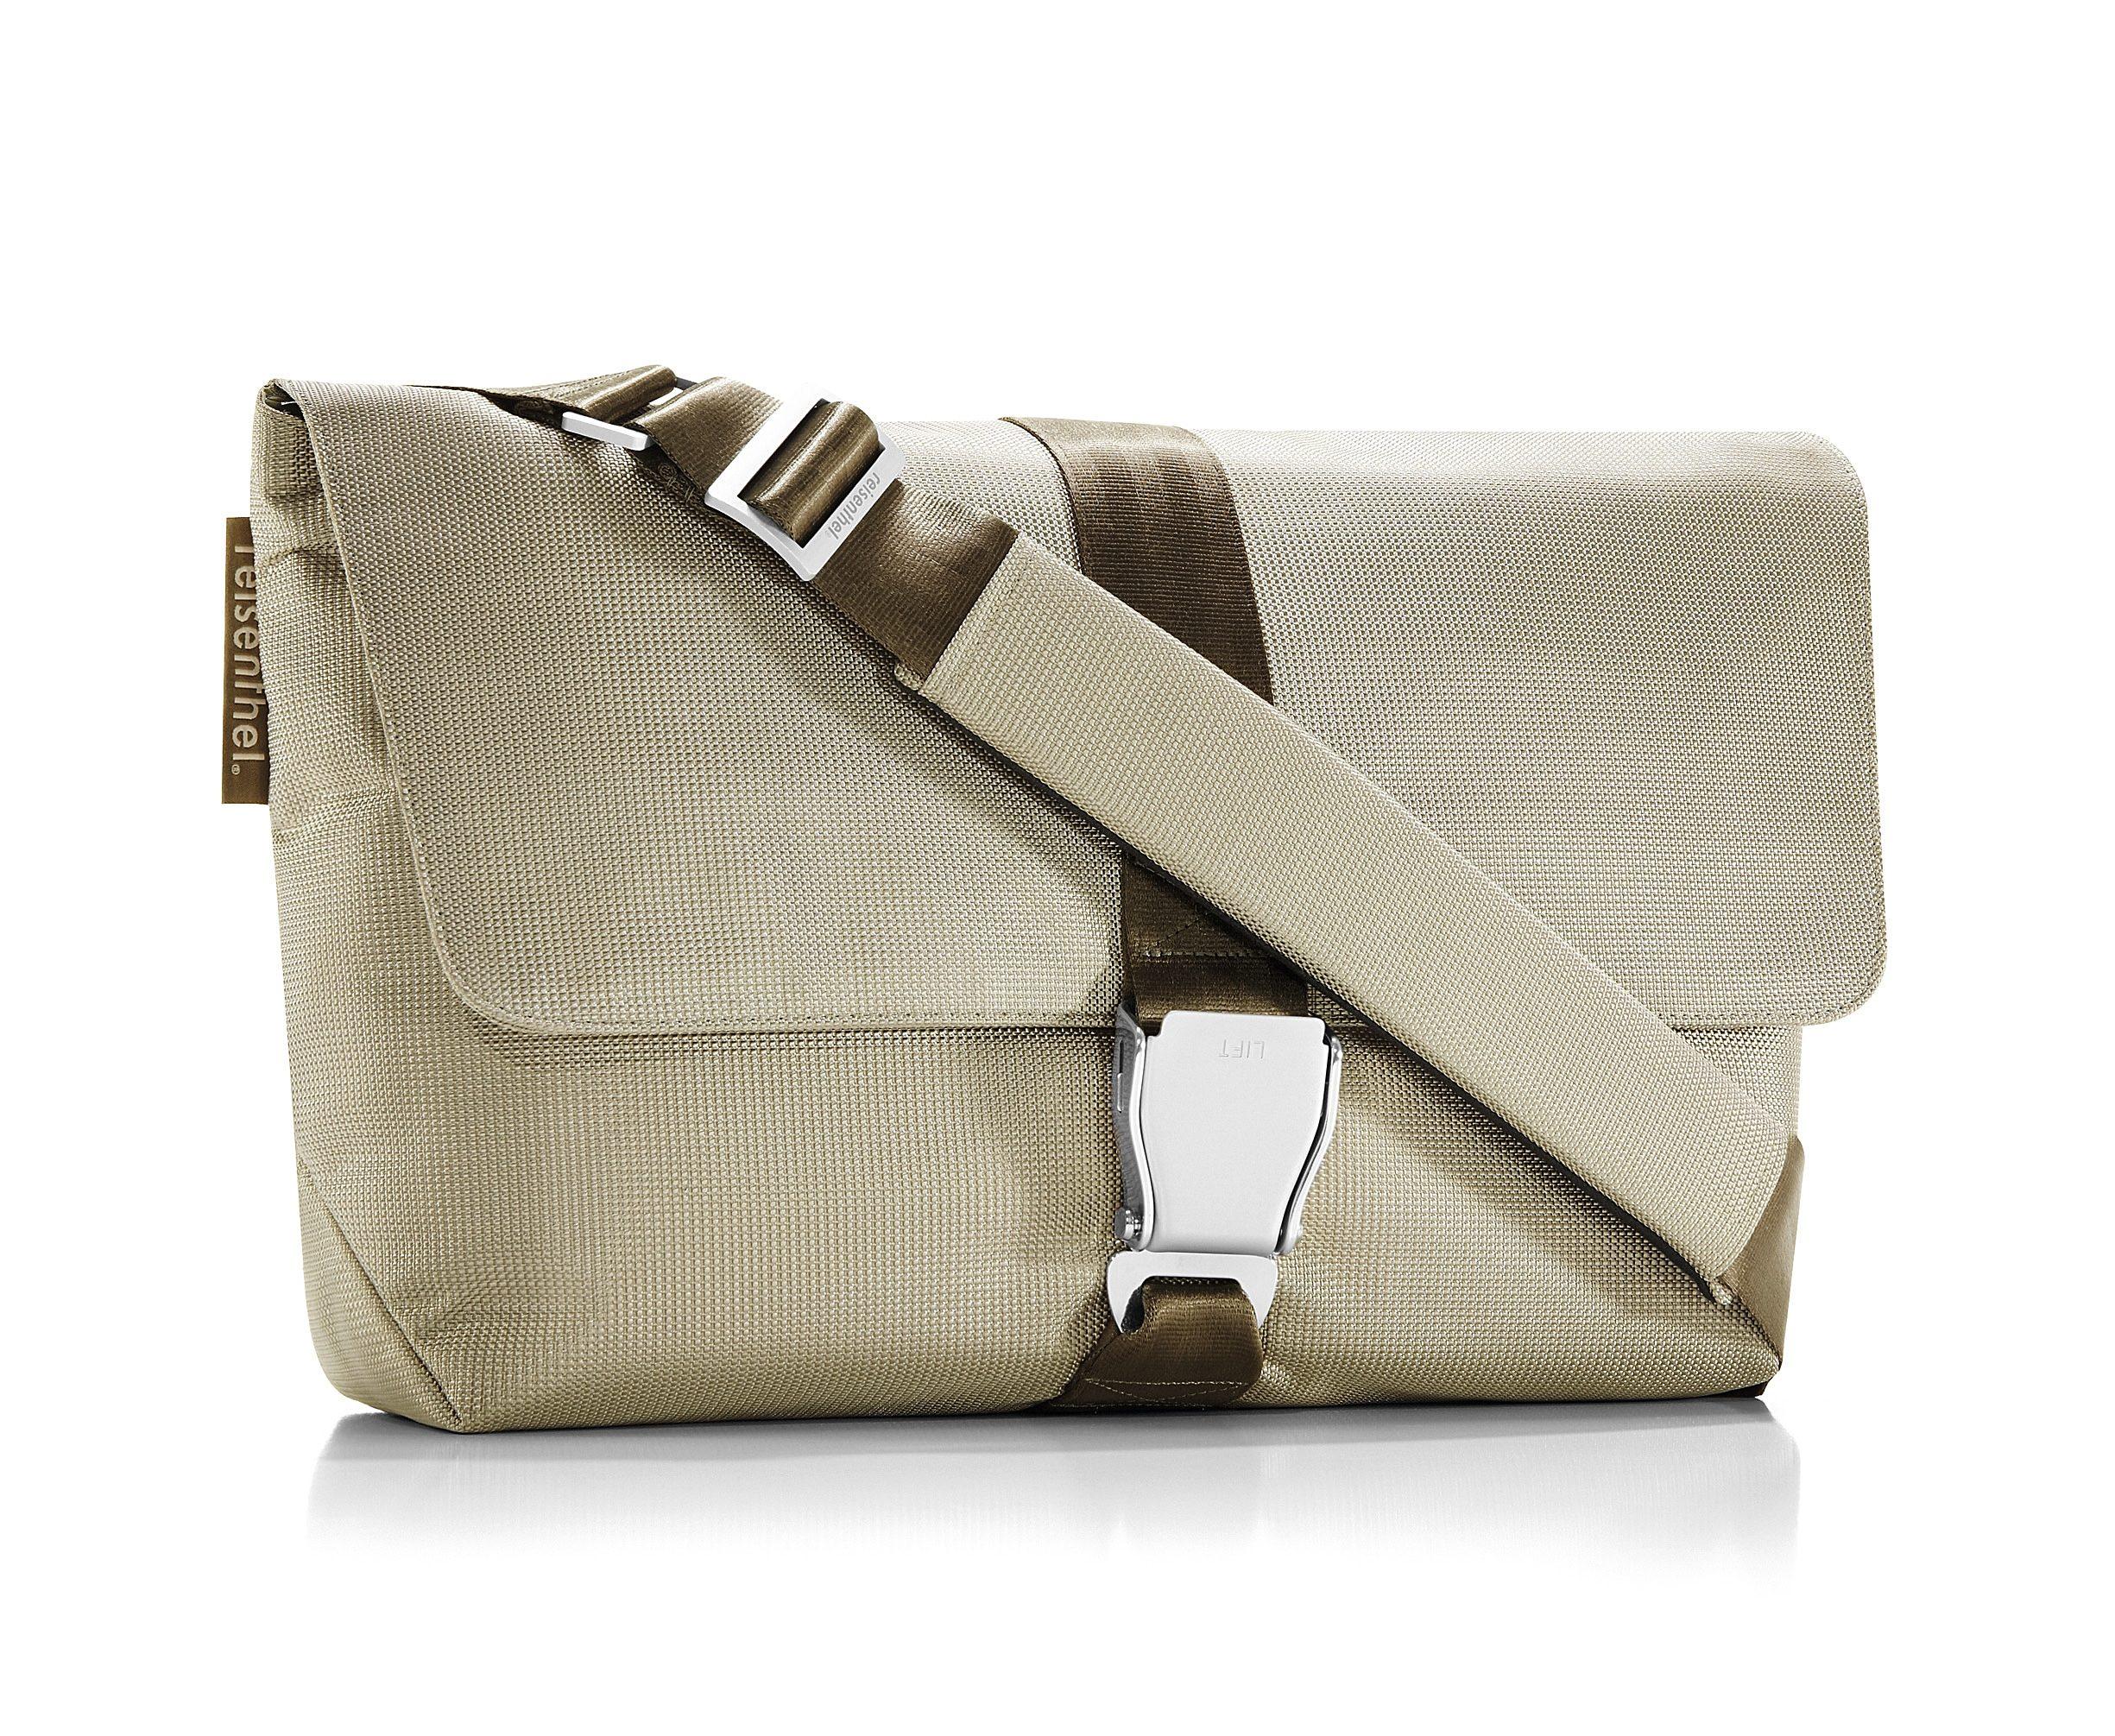 REISENTHEL® Fliegertasche Airbeltbag L